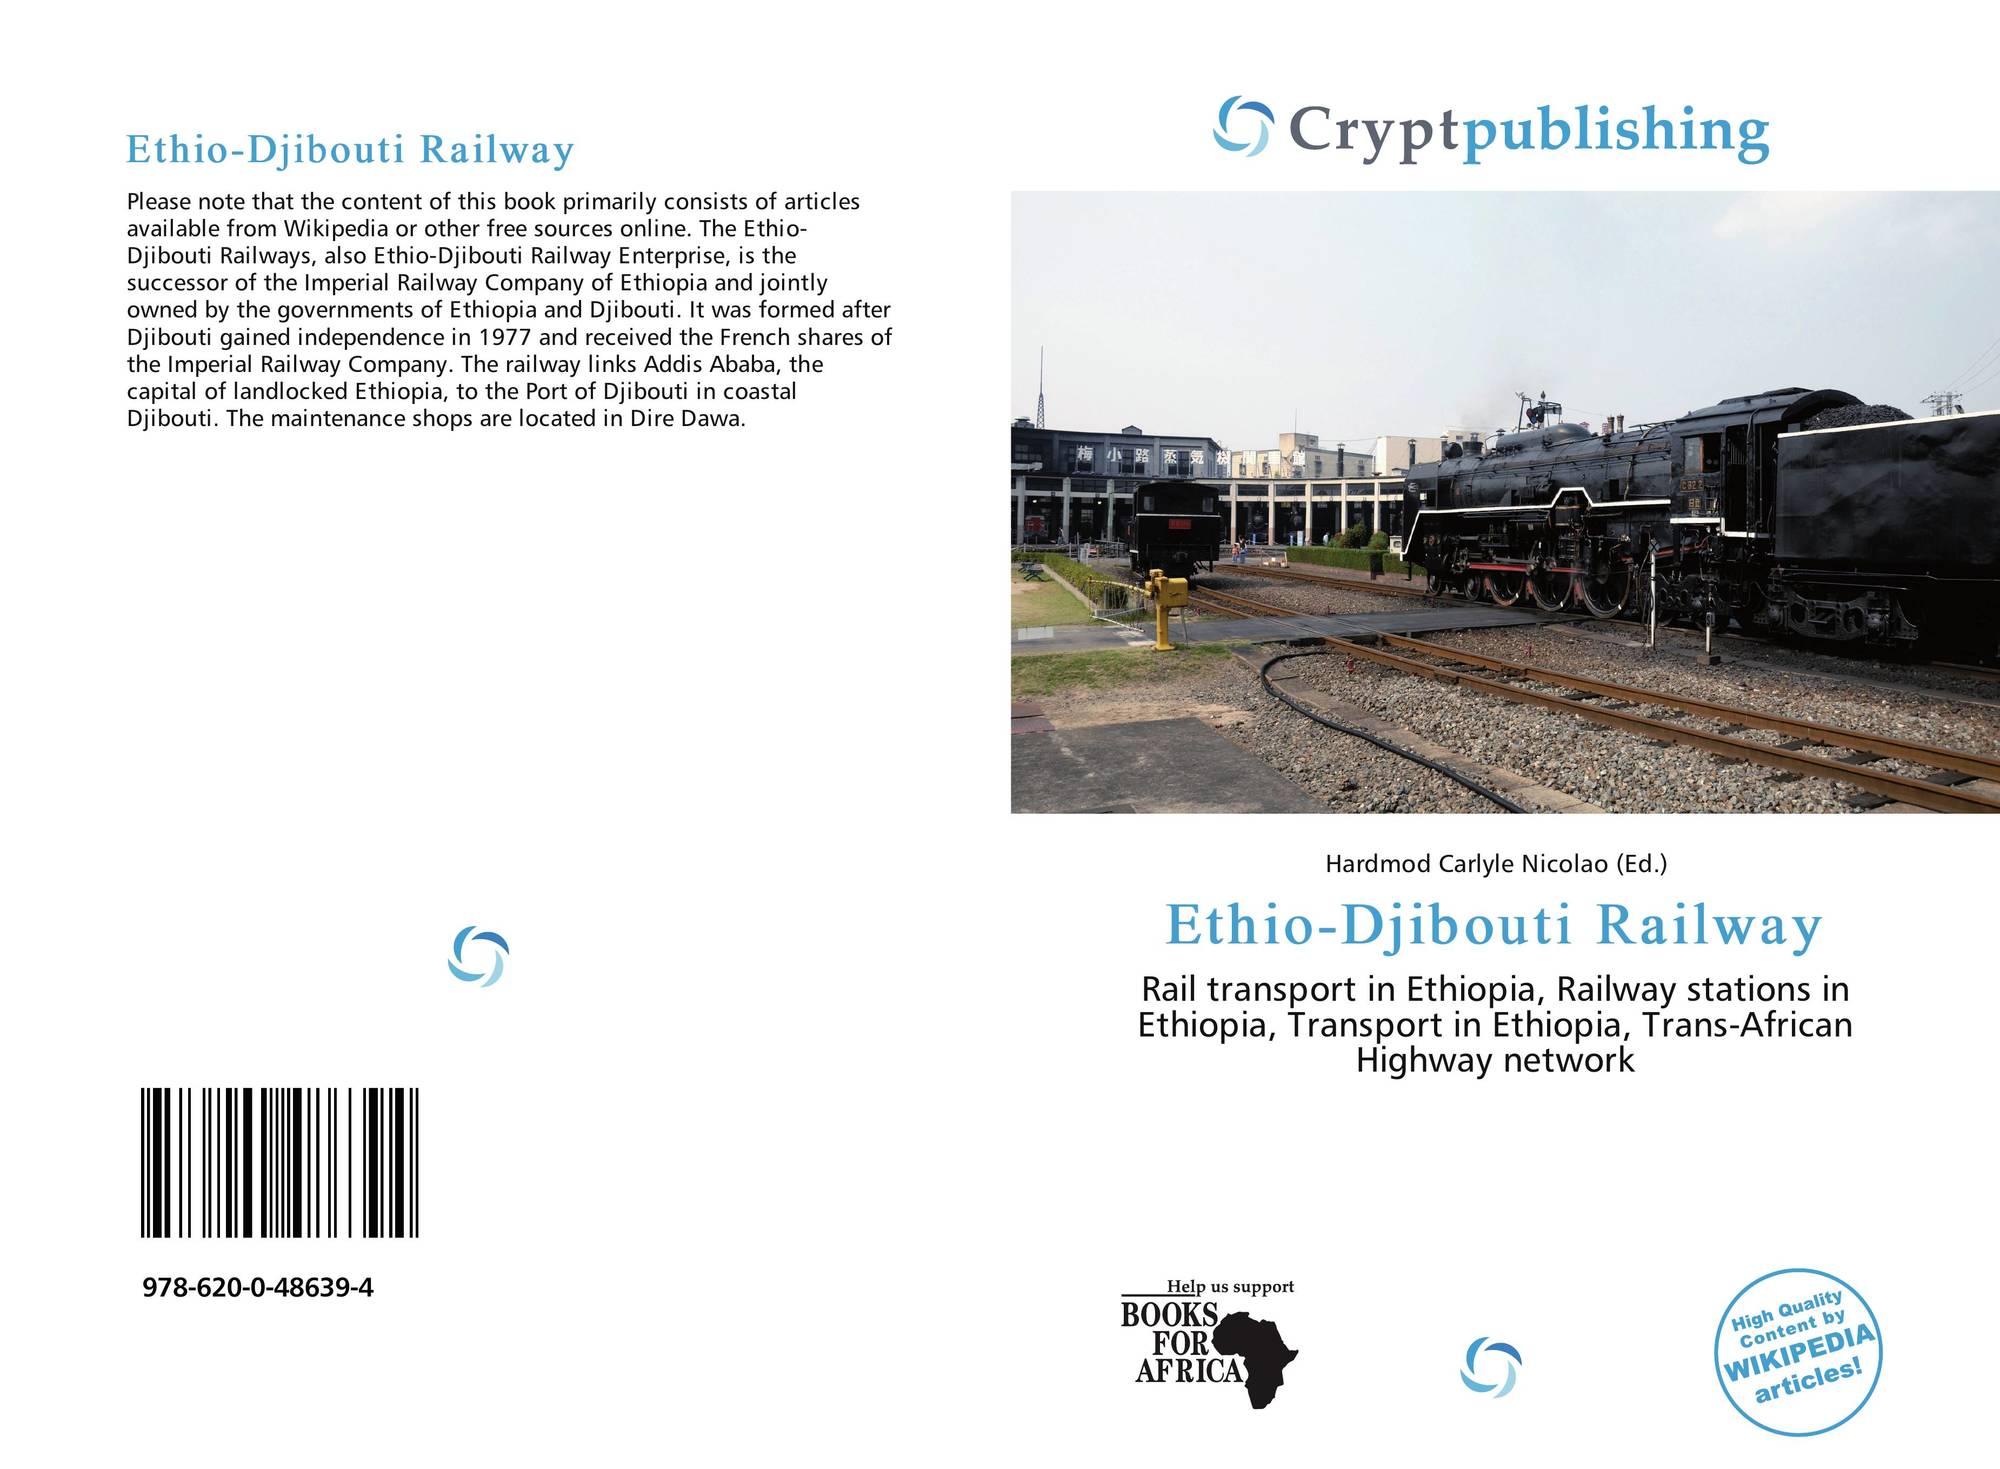 Ethio-Djibouti Railway, 978-620-0-48639-4, 6200486395